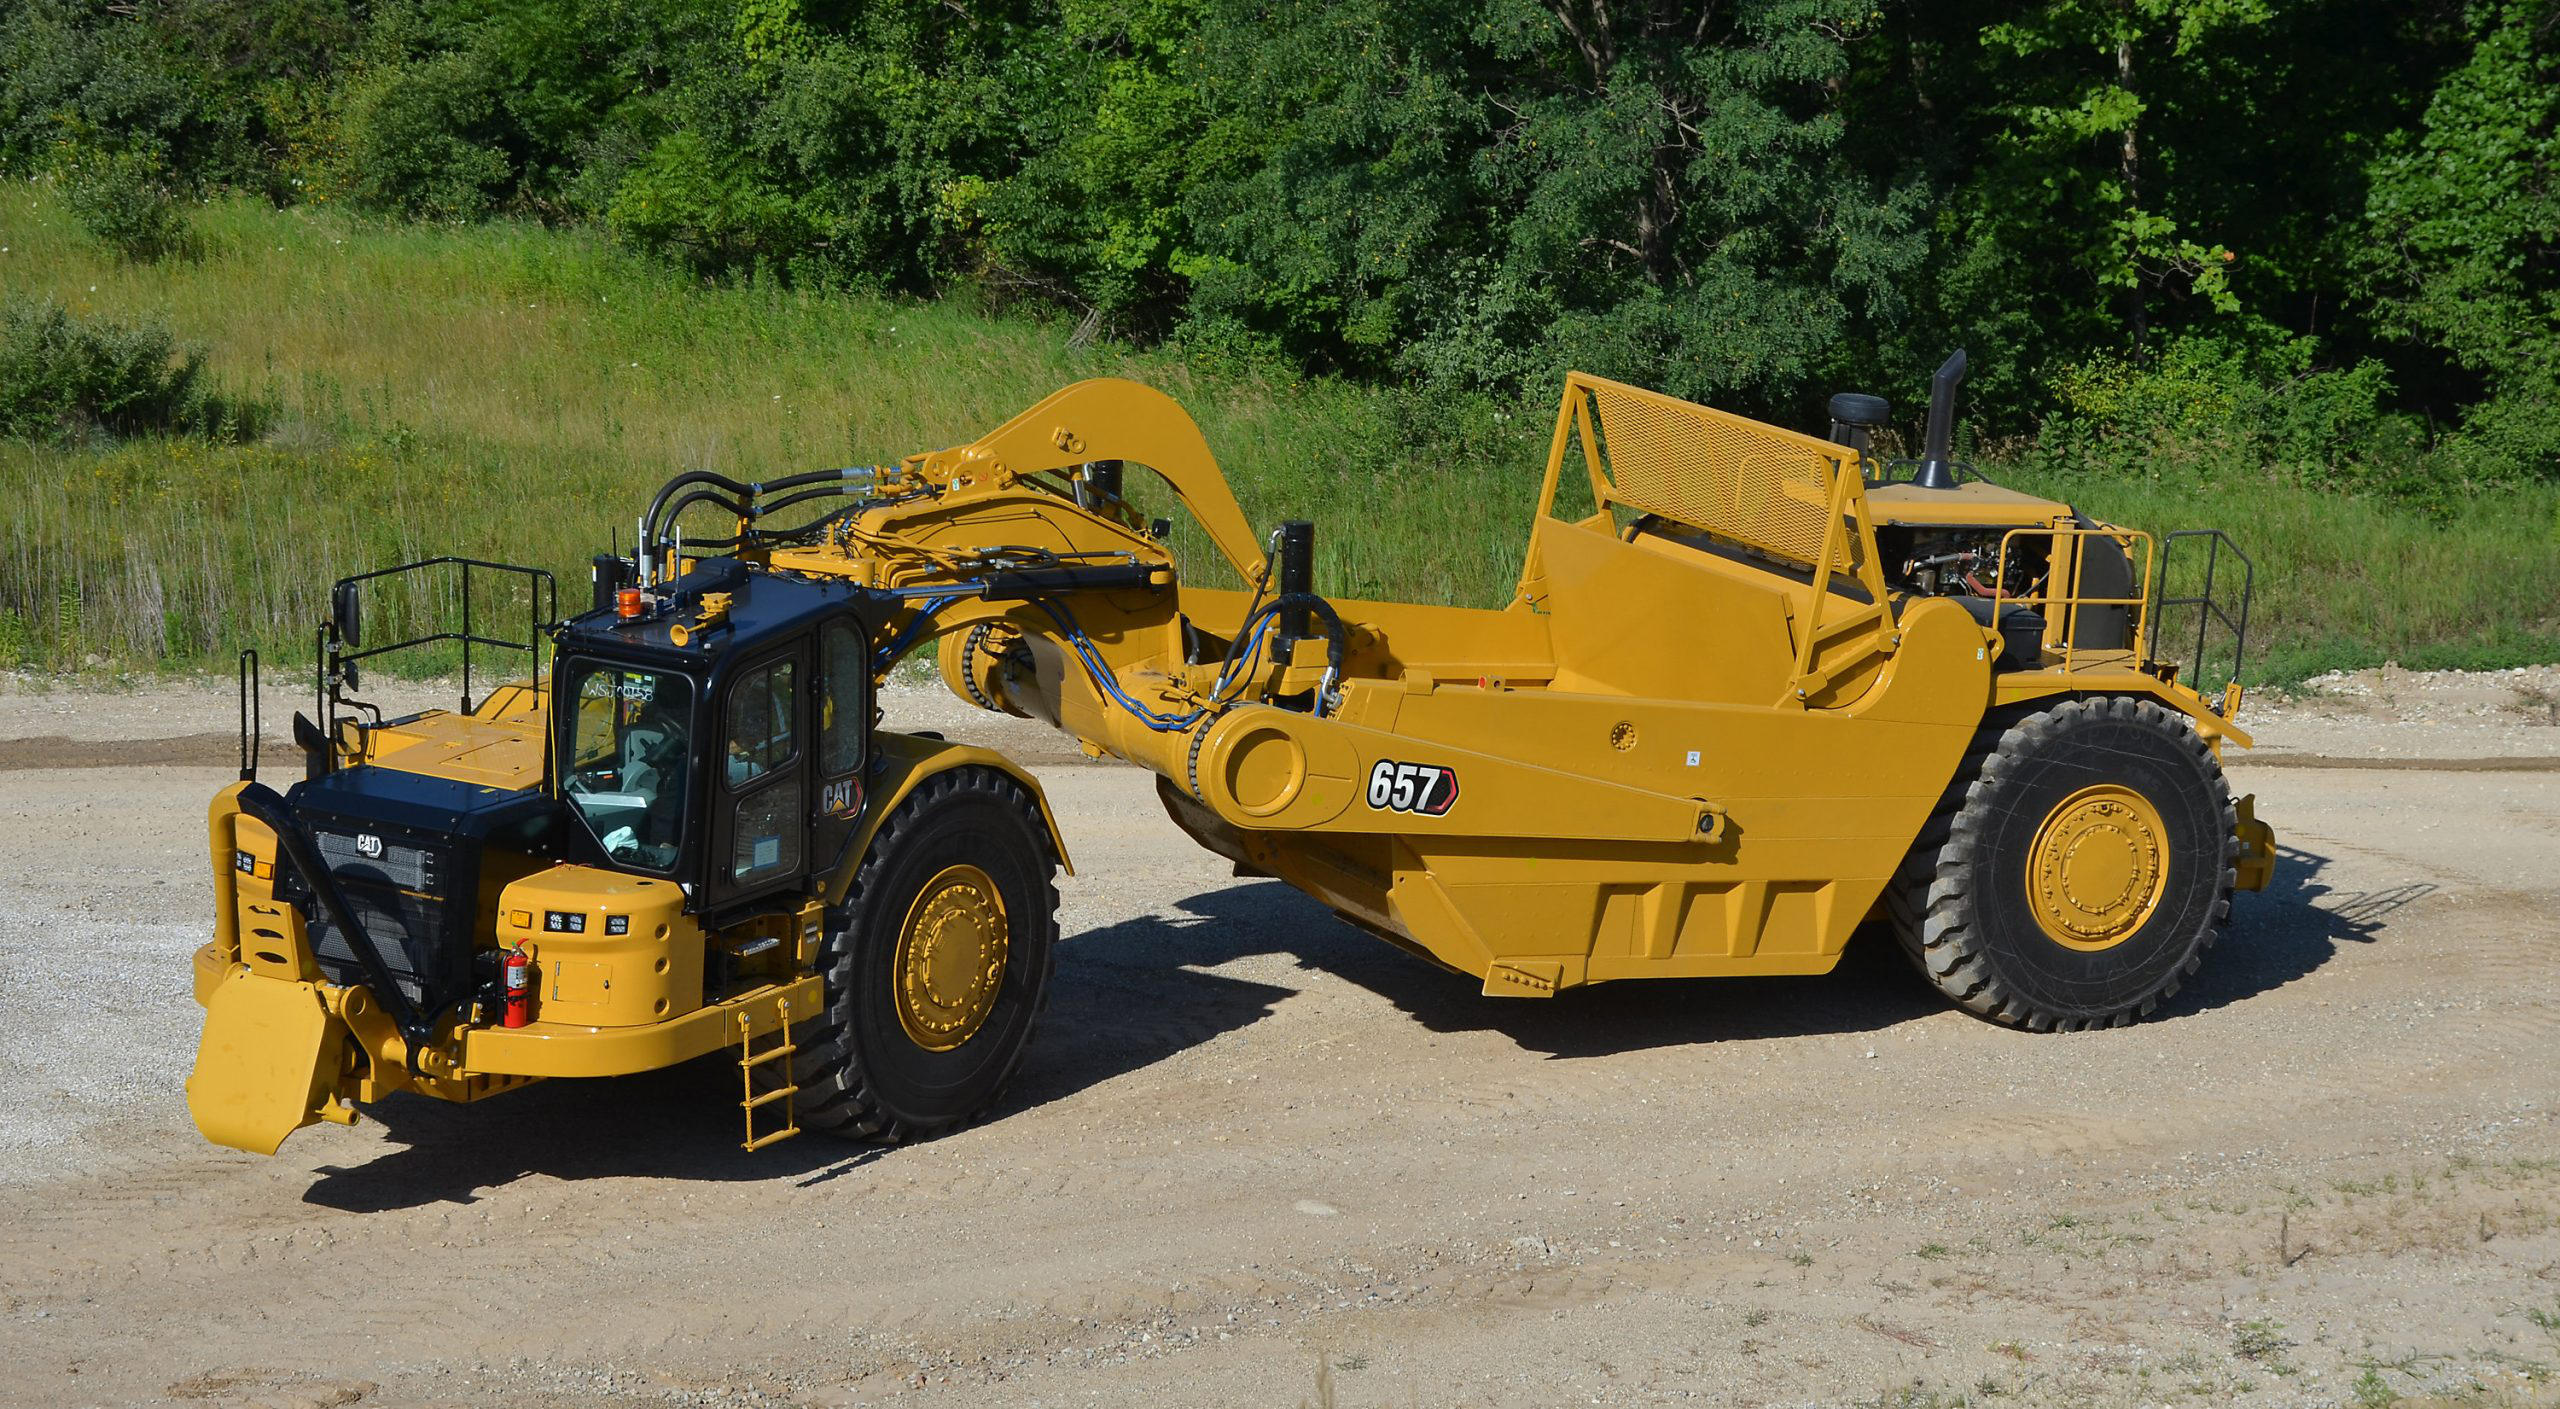 Cat 657 scraper